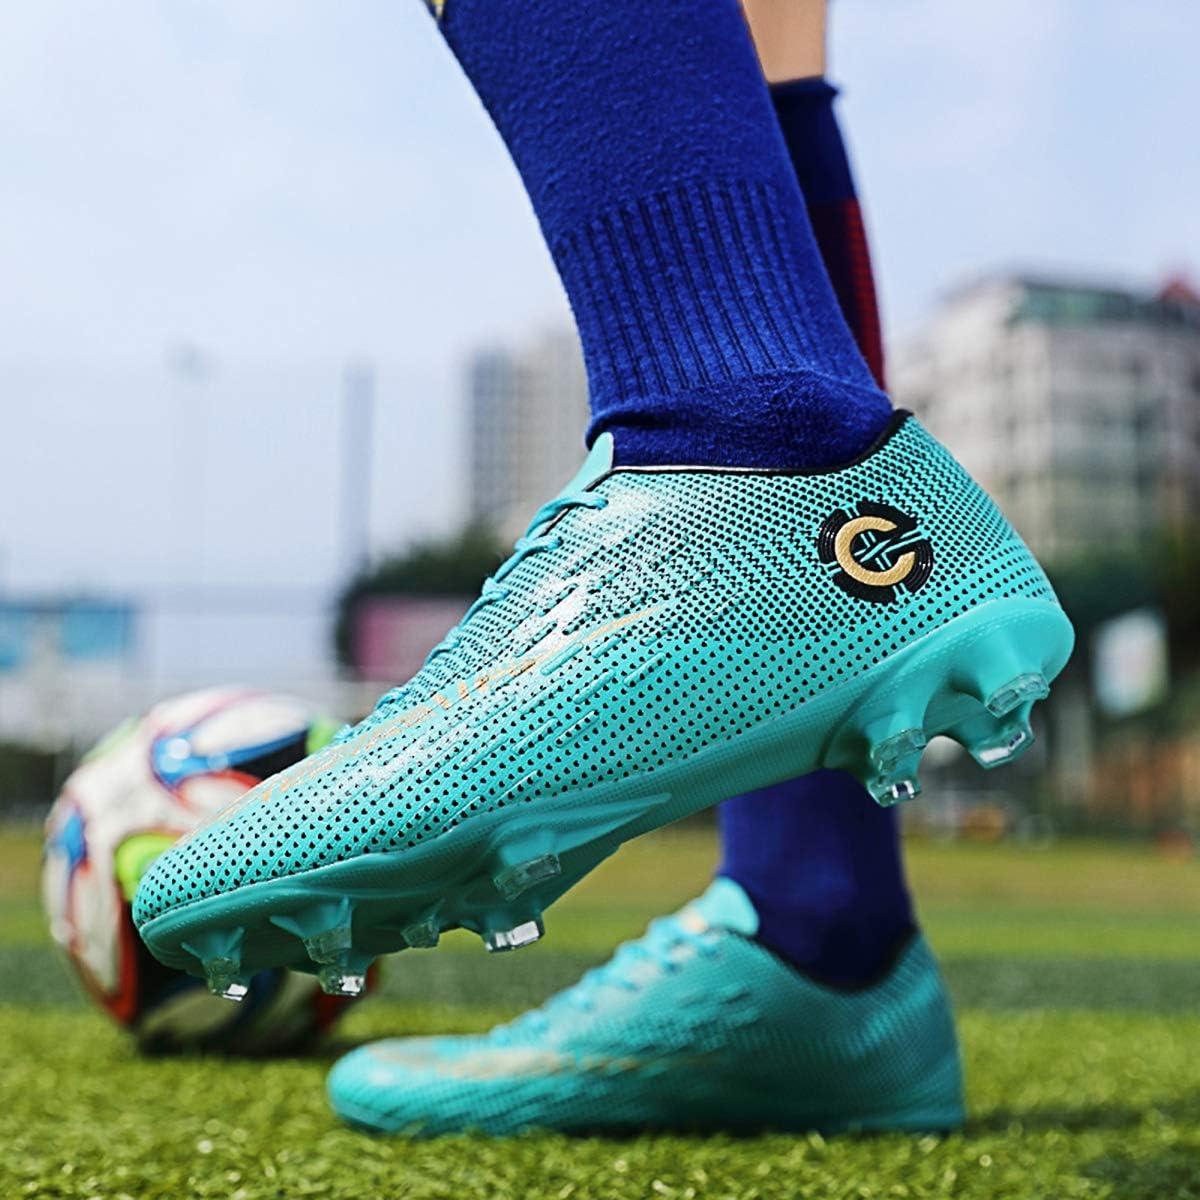 AX Chaussures de Football Adulte Adolescents Entra/îneurs de Football Profession Athl/étisme Entrainemen